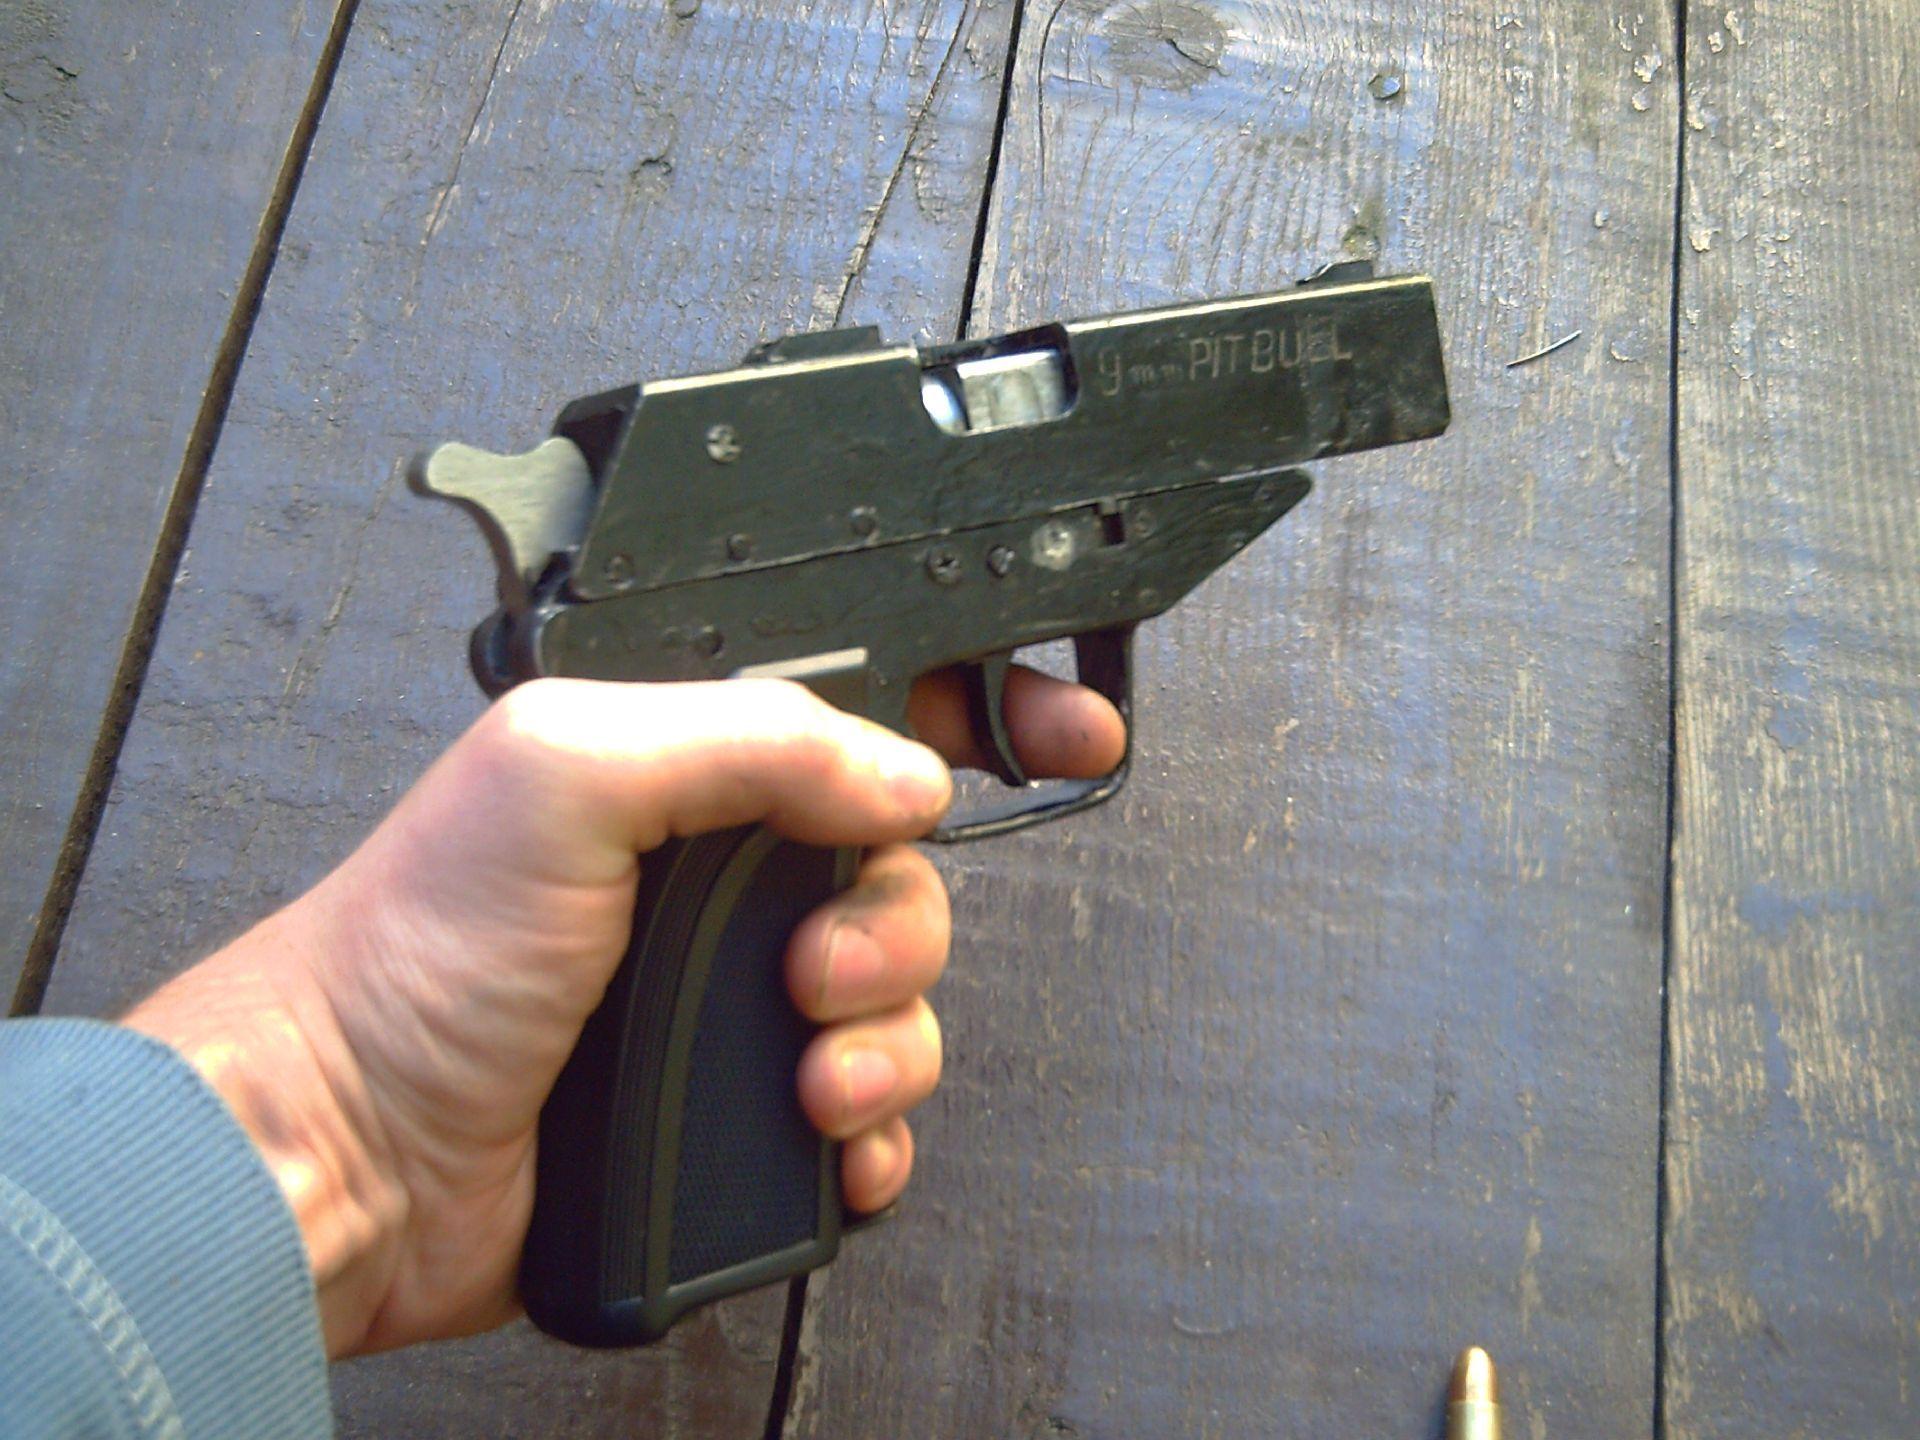 Weaponeer Forums Pitbull A 9mm Luger Homemade Handgun